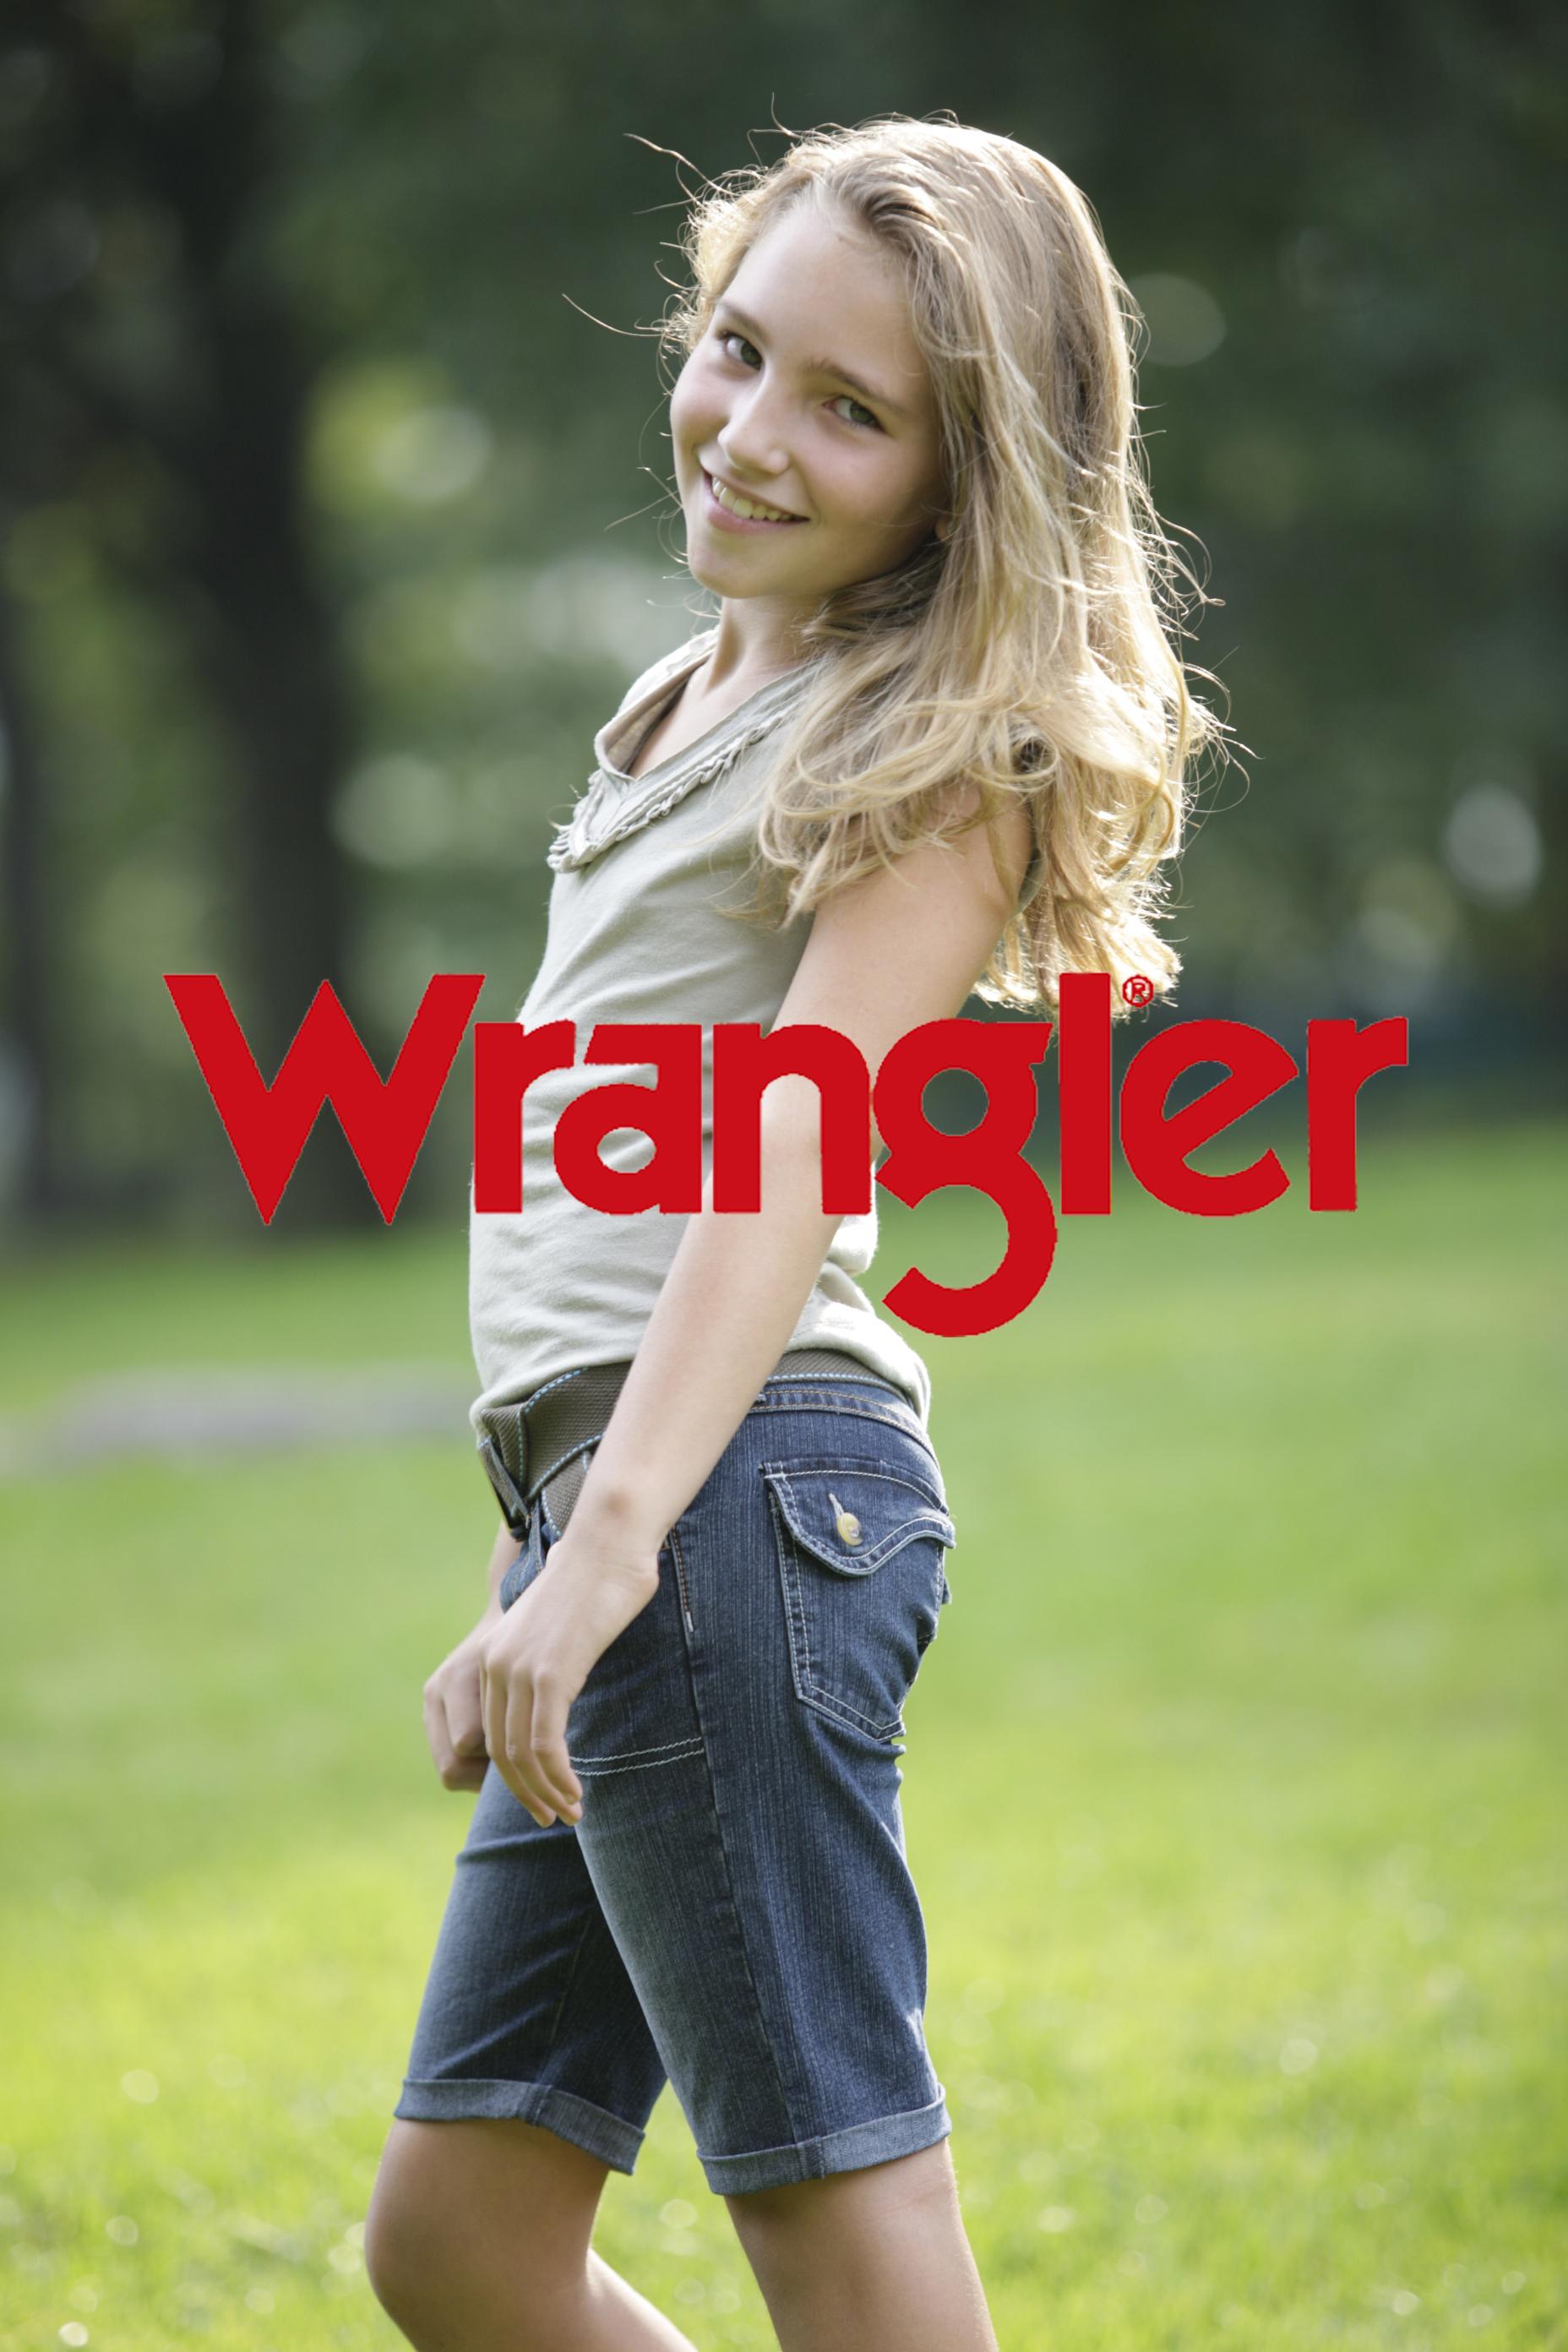 Wrangler Girls